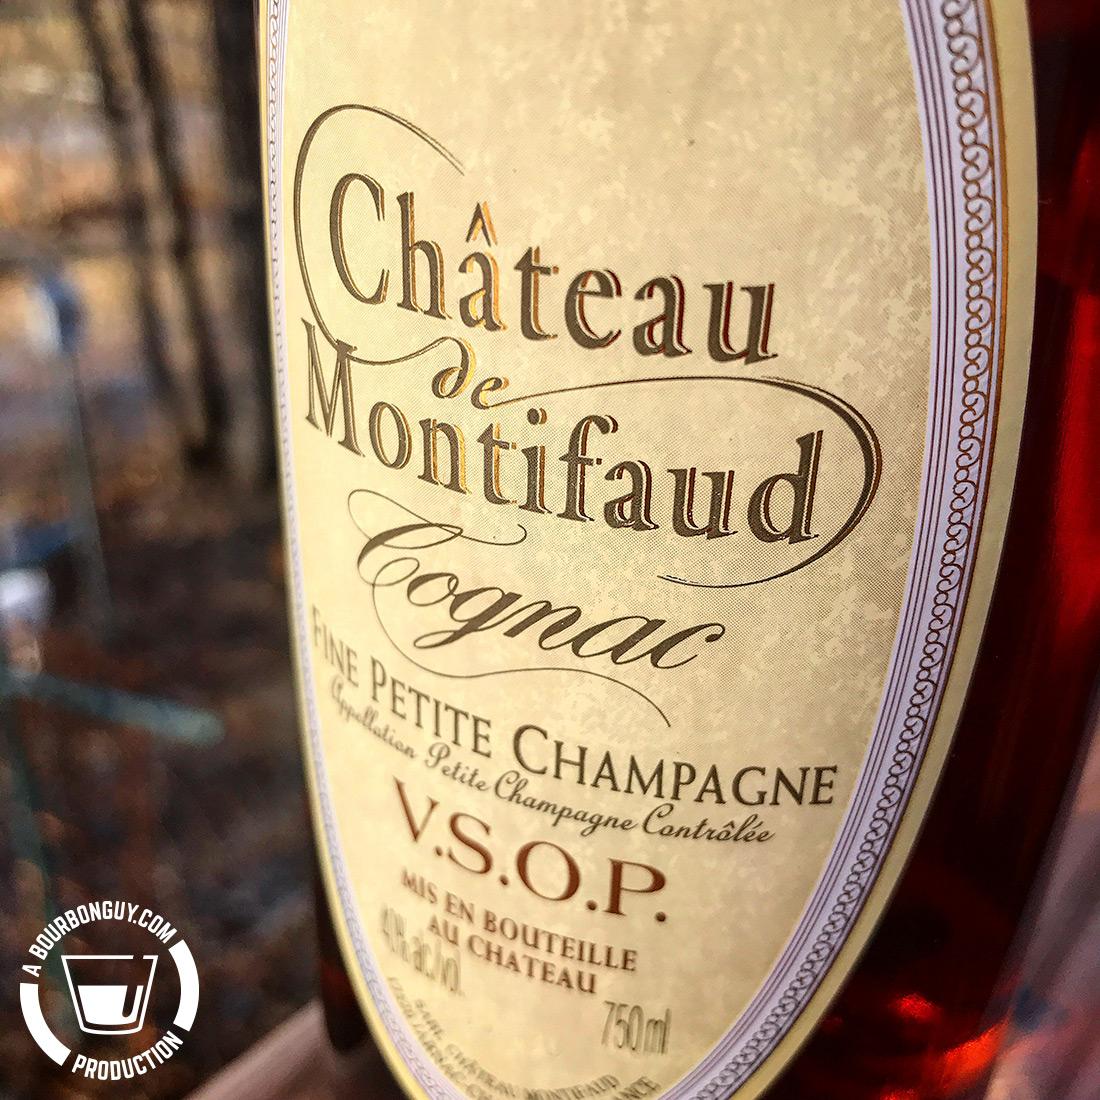 IMAGE: The front label of a bottle of Chateau de Montifaud VSOP cognac.